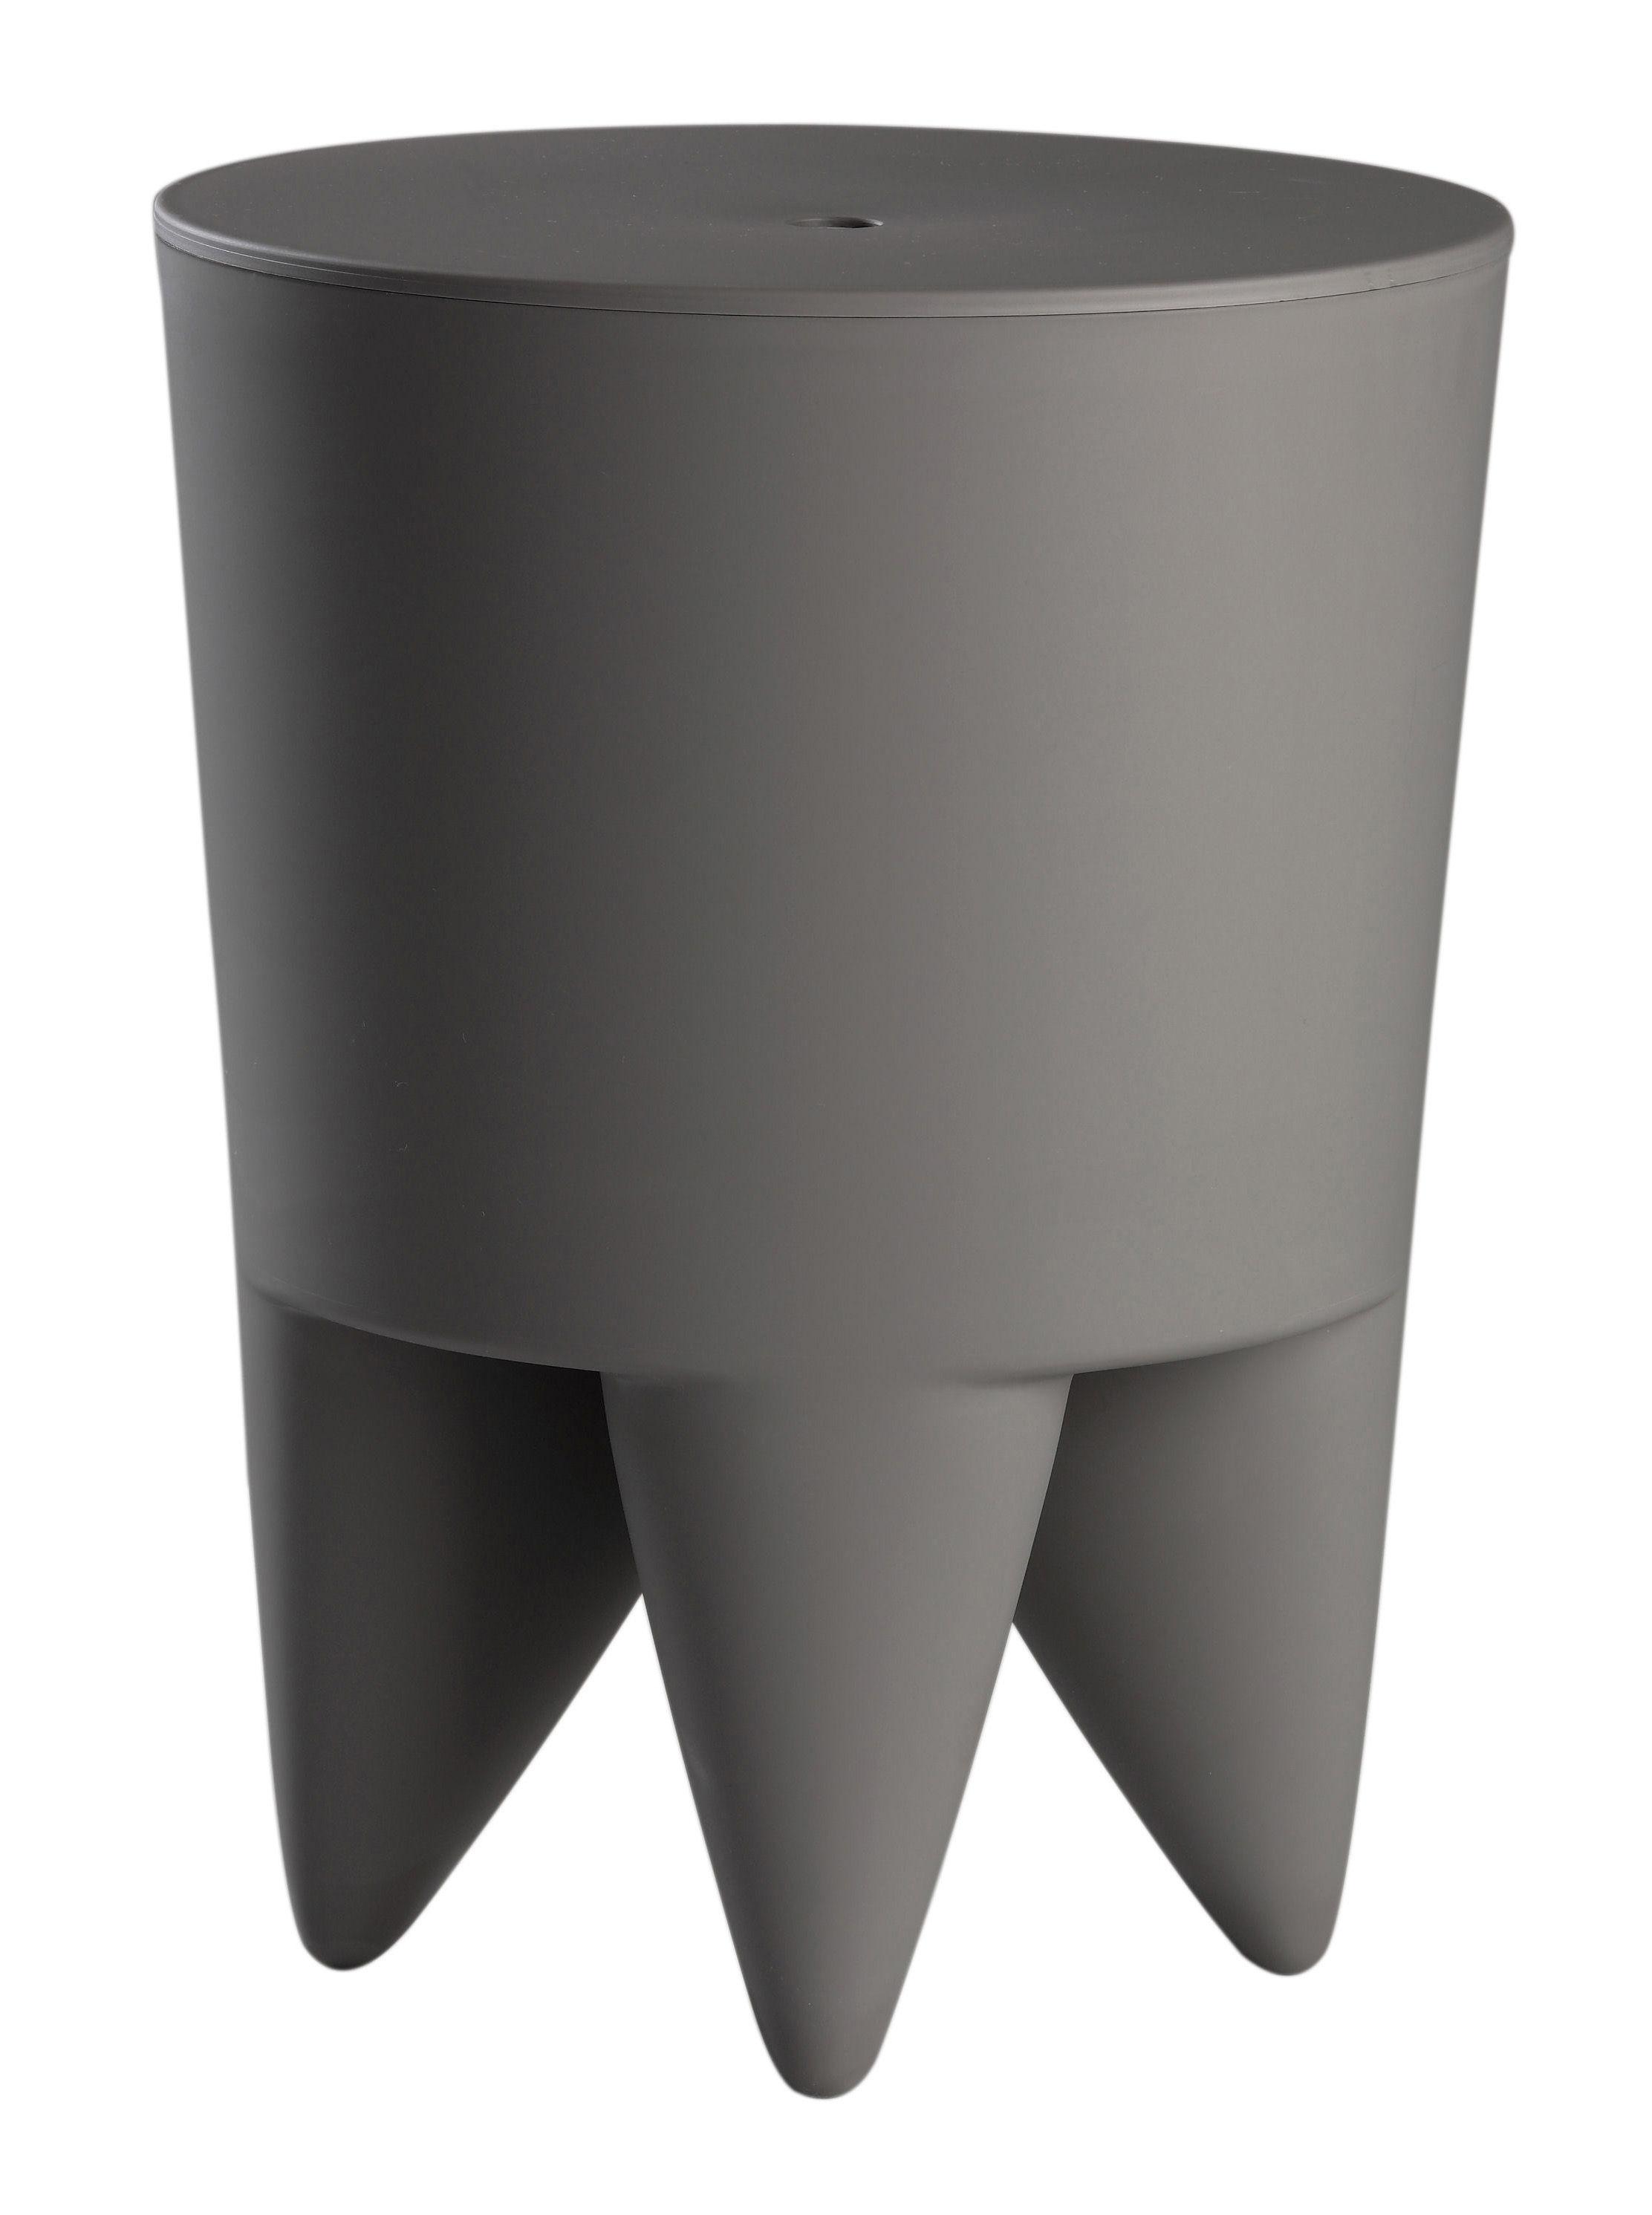 Furniture - Kids Furniture - New Bubu 1er Stool by XO - Aeron grey - Polypropylene